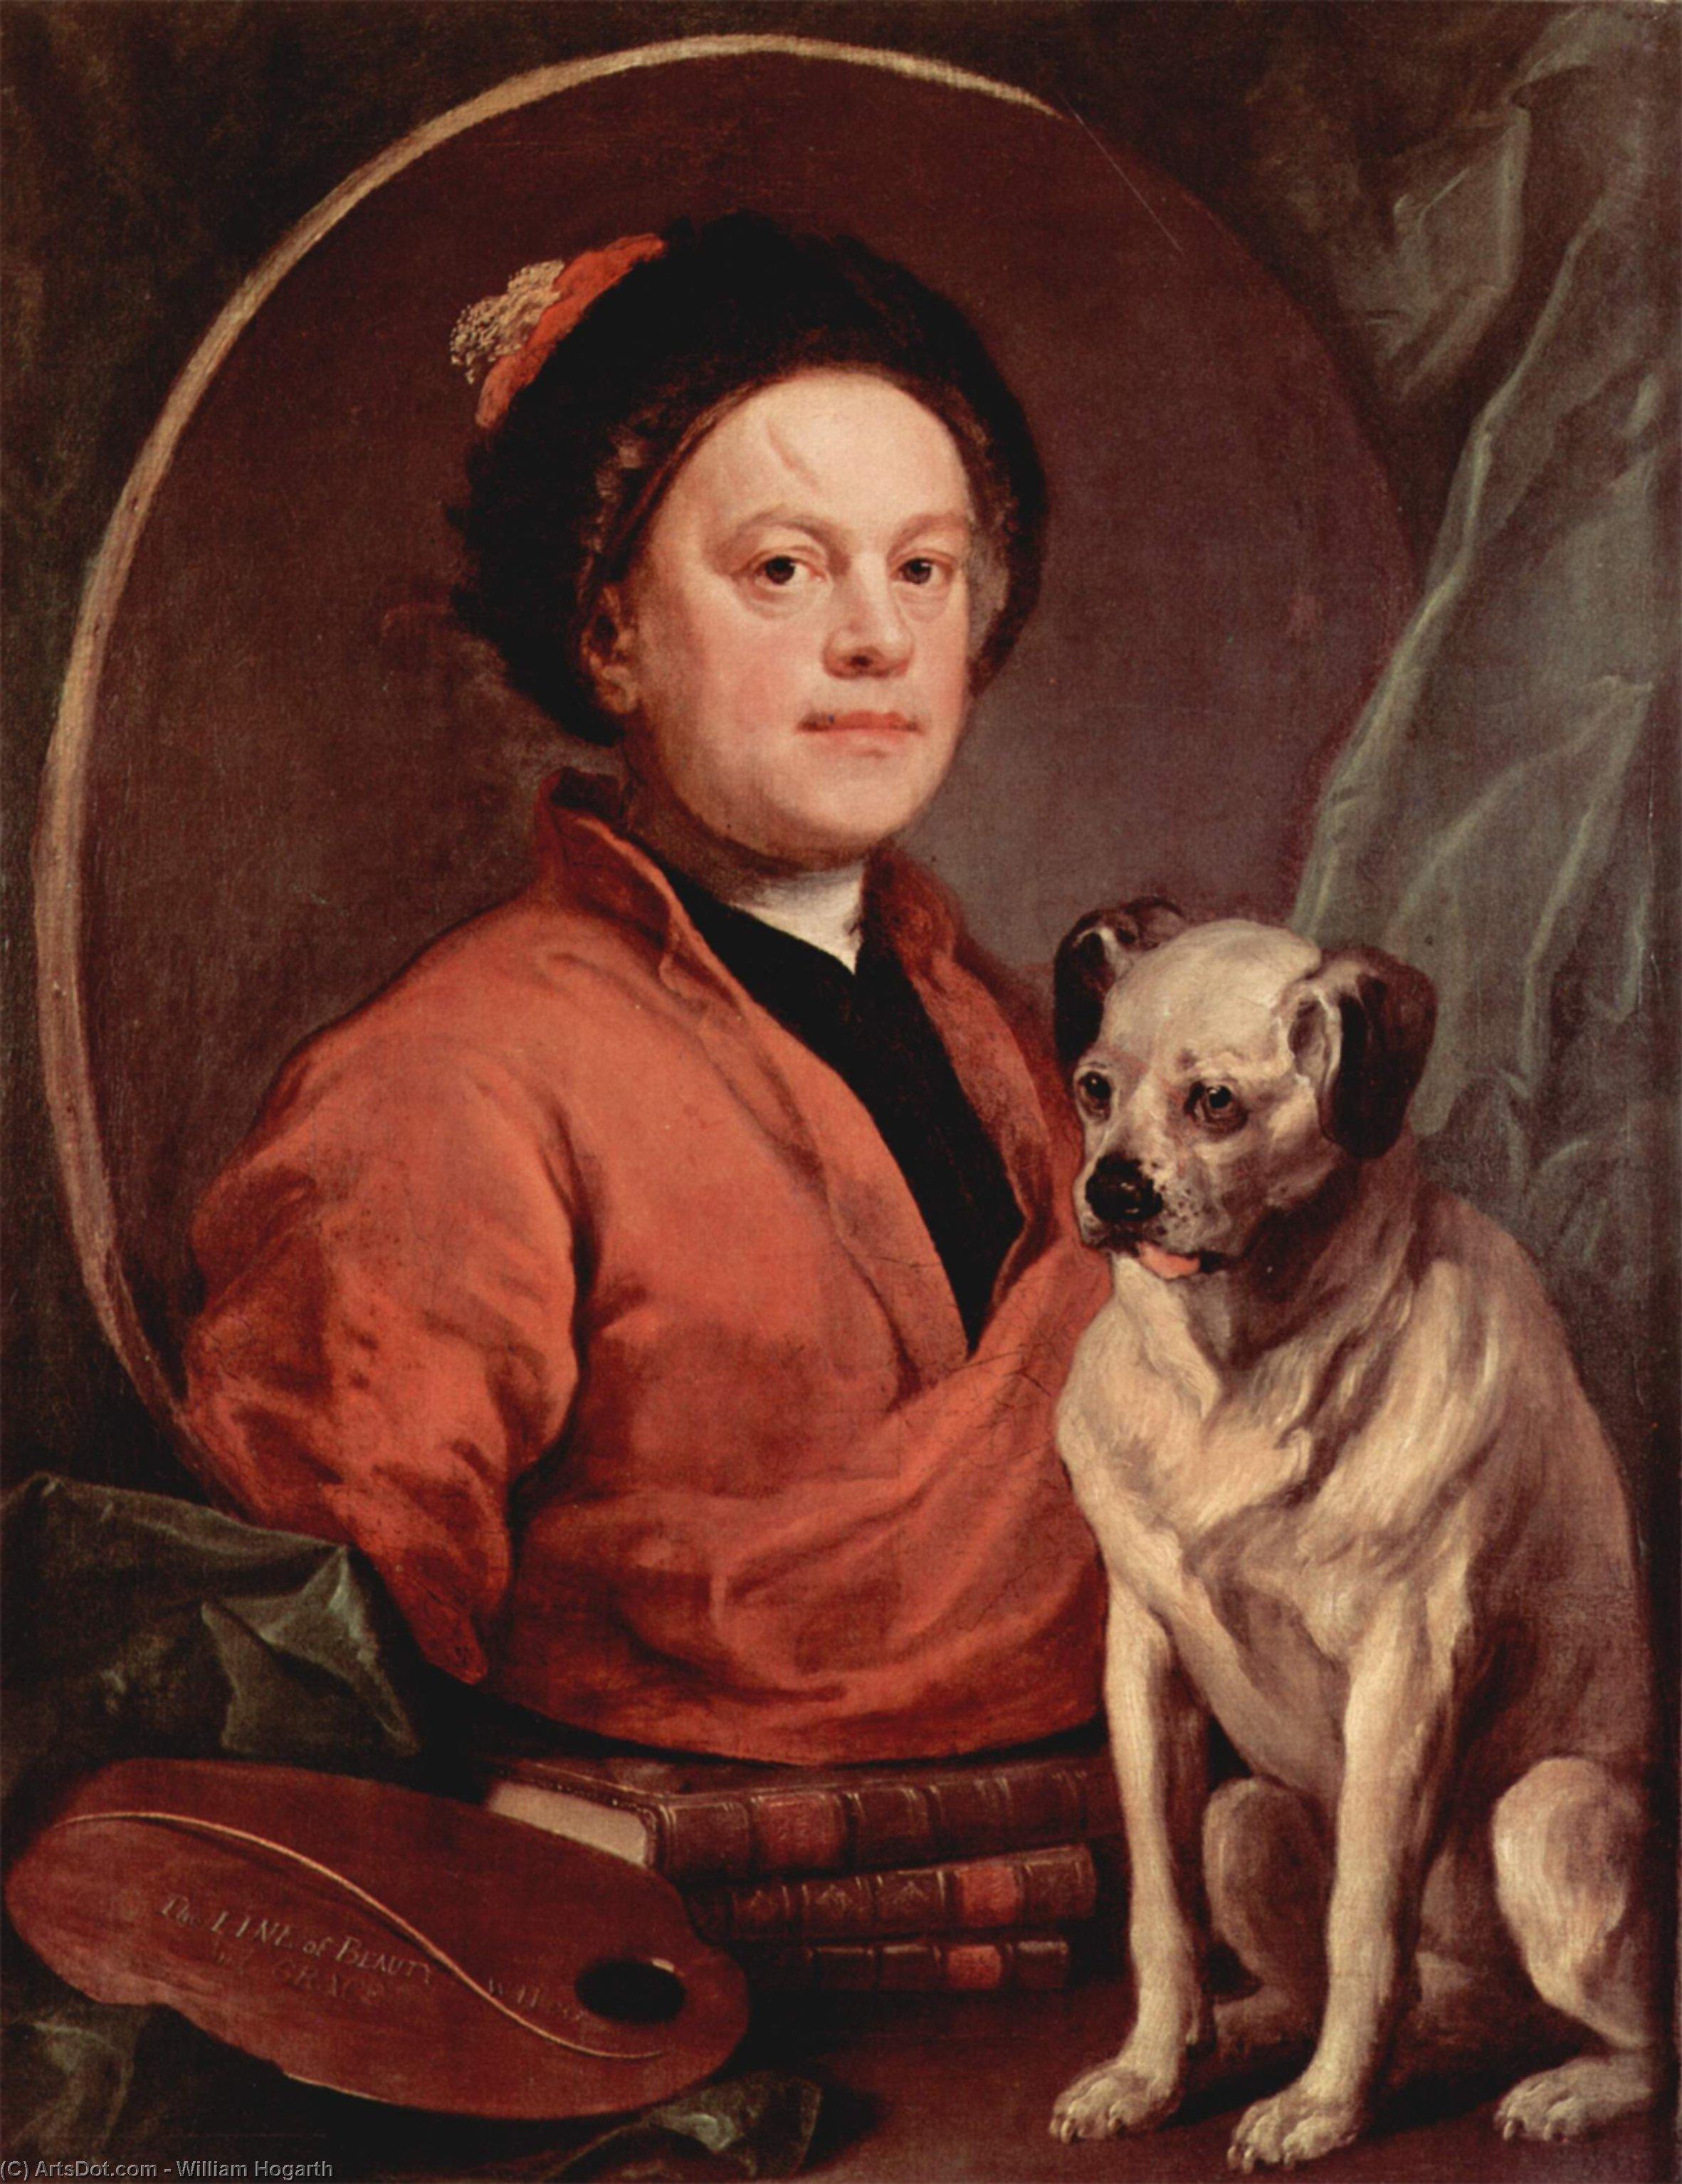 WikiOO.org - Enciklopedija dailės - Tapyba, meno kuriniai William Hogarth - Self portrait